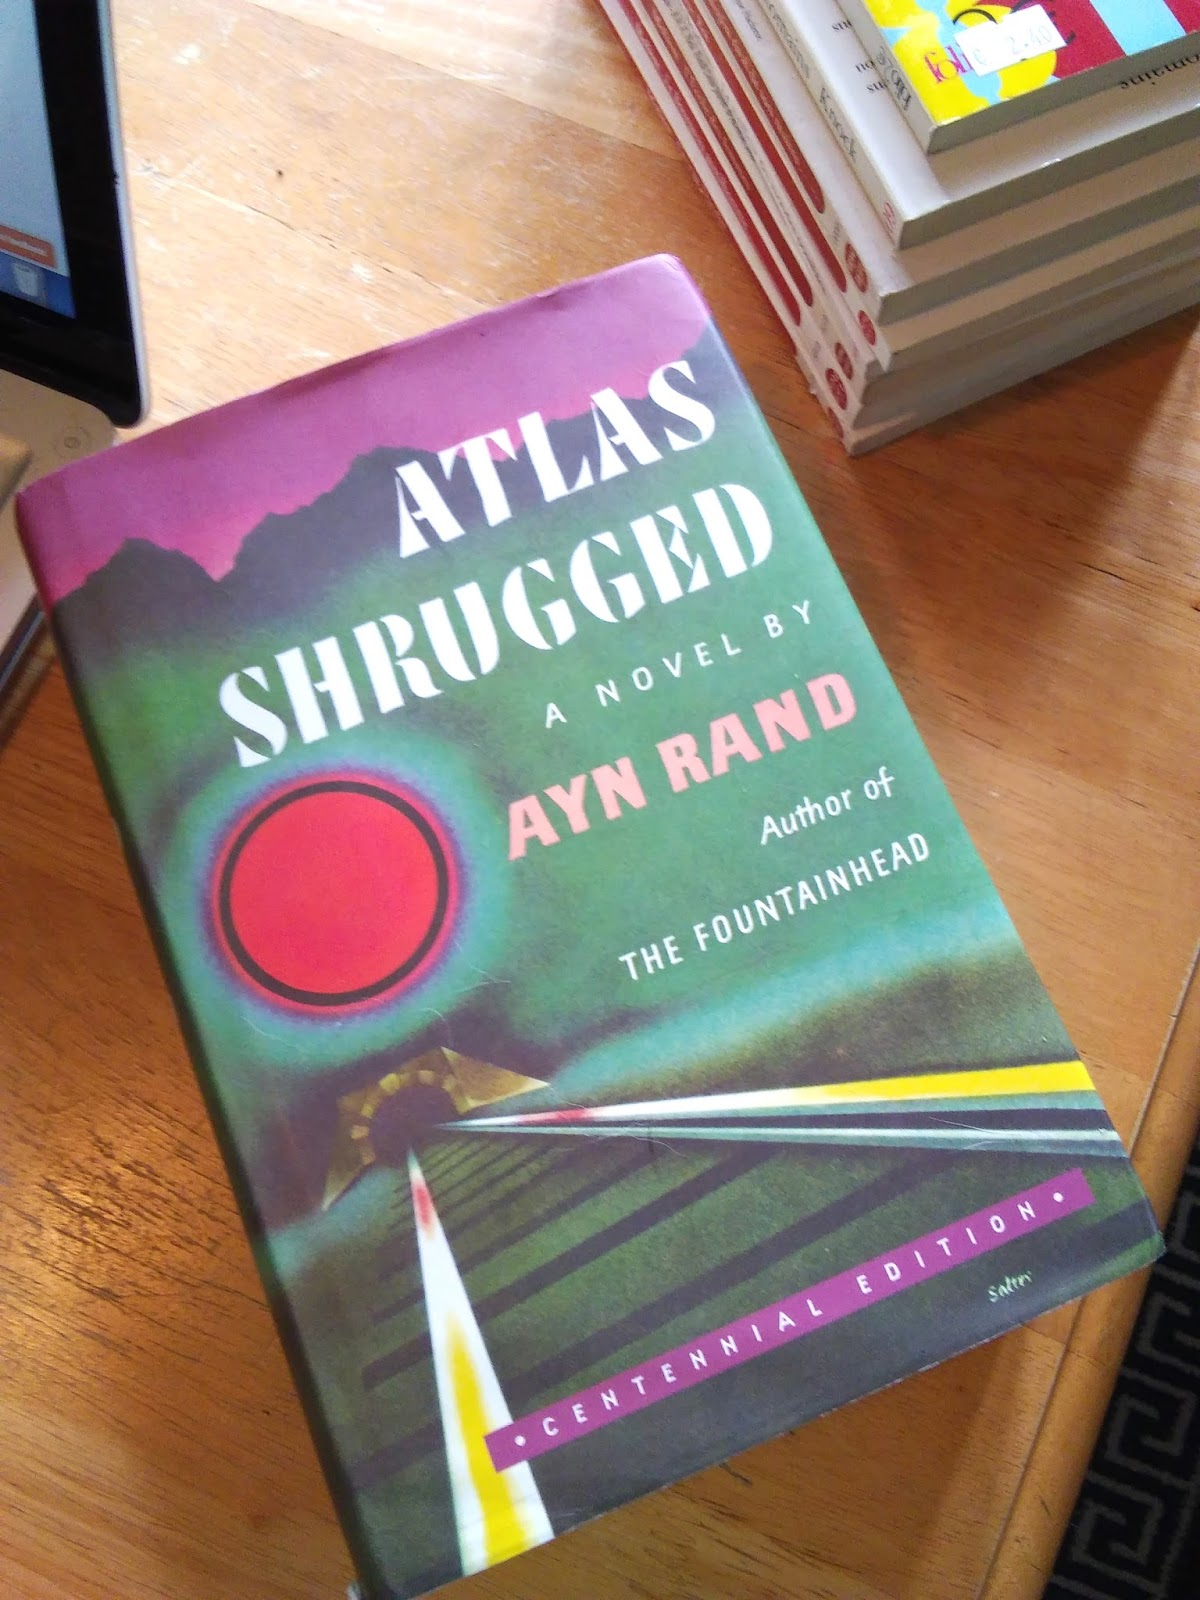 Gently Mad Atlas Shrugged By Ayn Rand